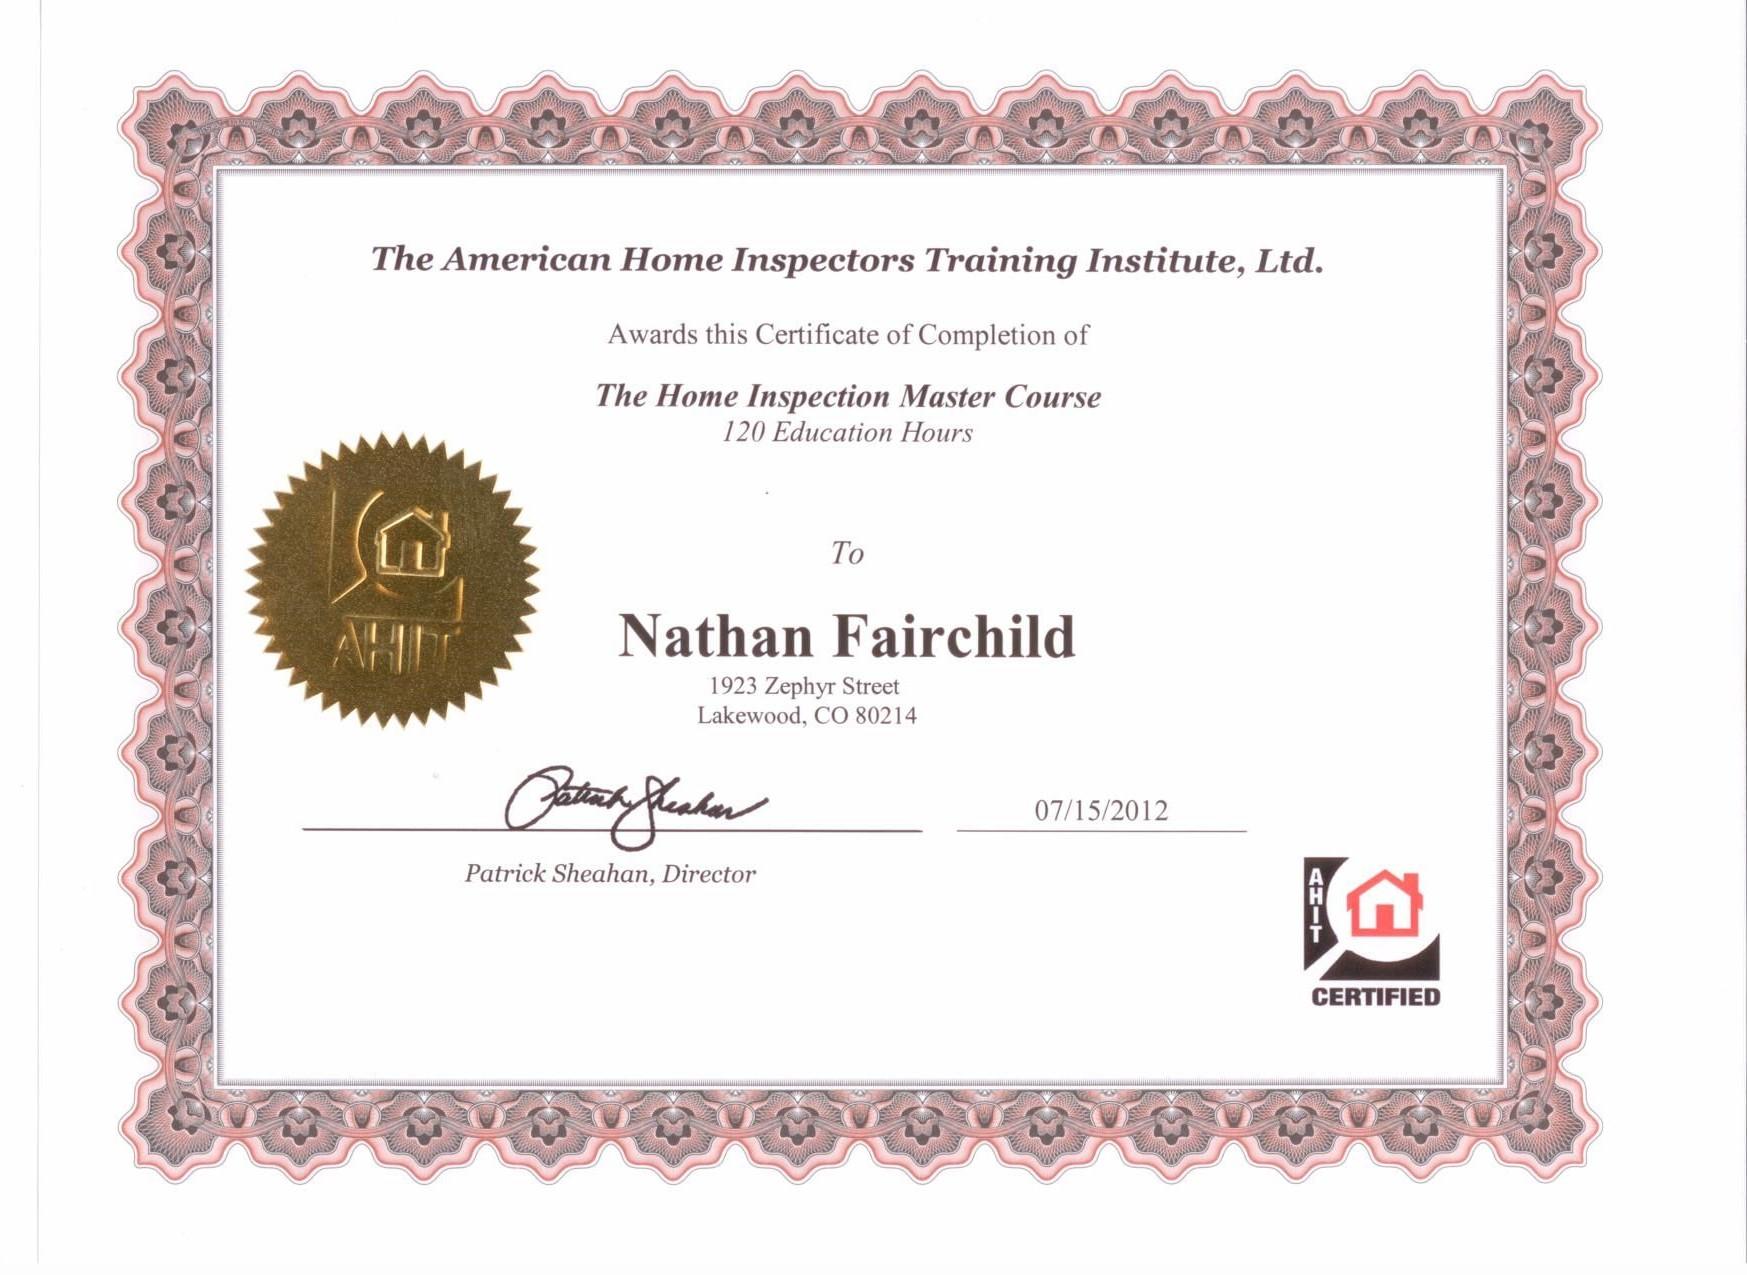 denver home inspection home inspection checklist colorado sewer inspections 80214 safe. Black Bedroom Furniture Sets. Home Design Ideas